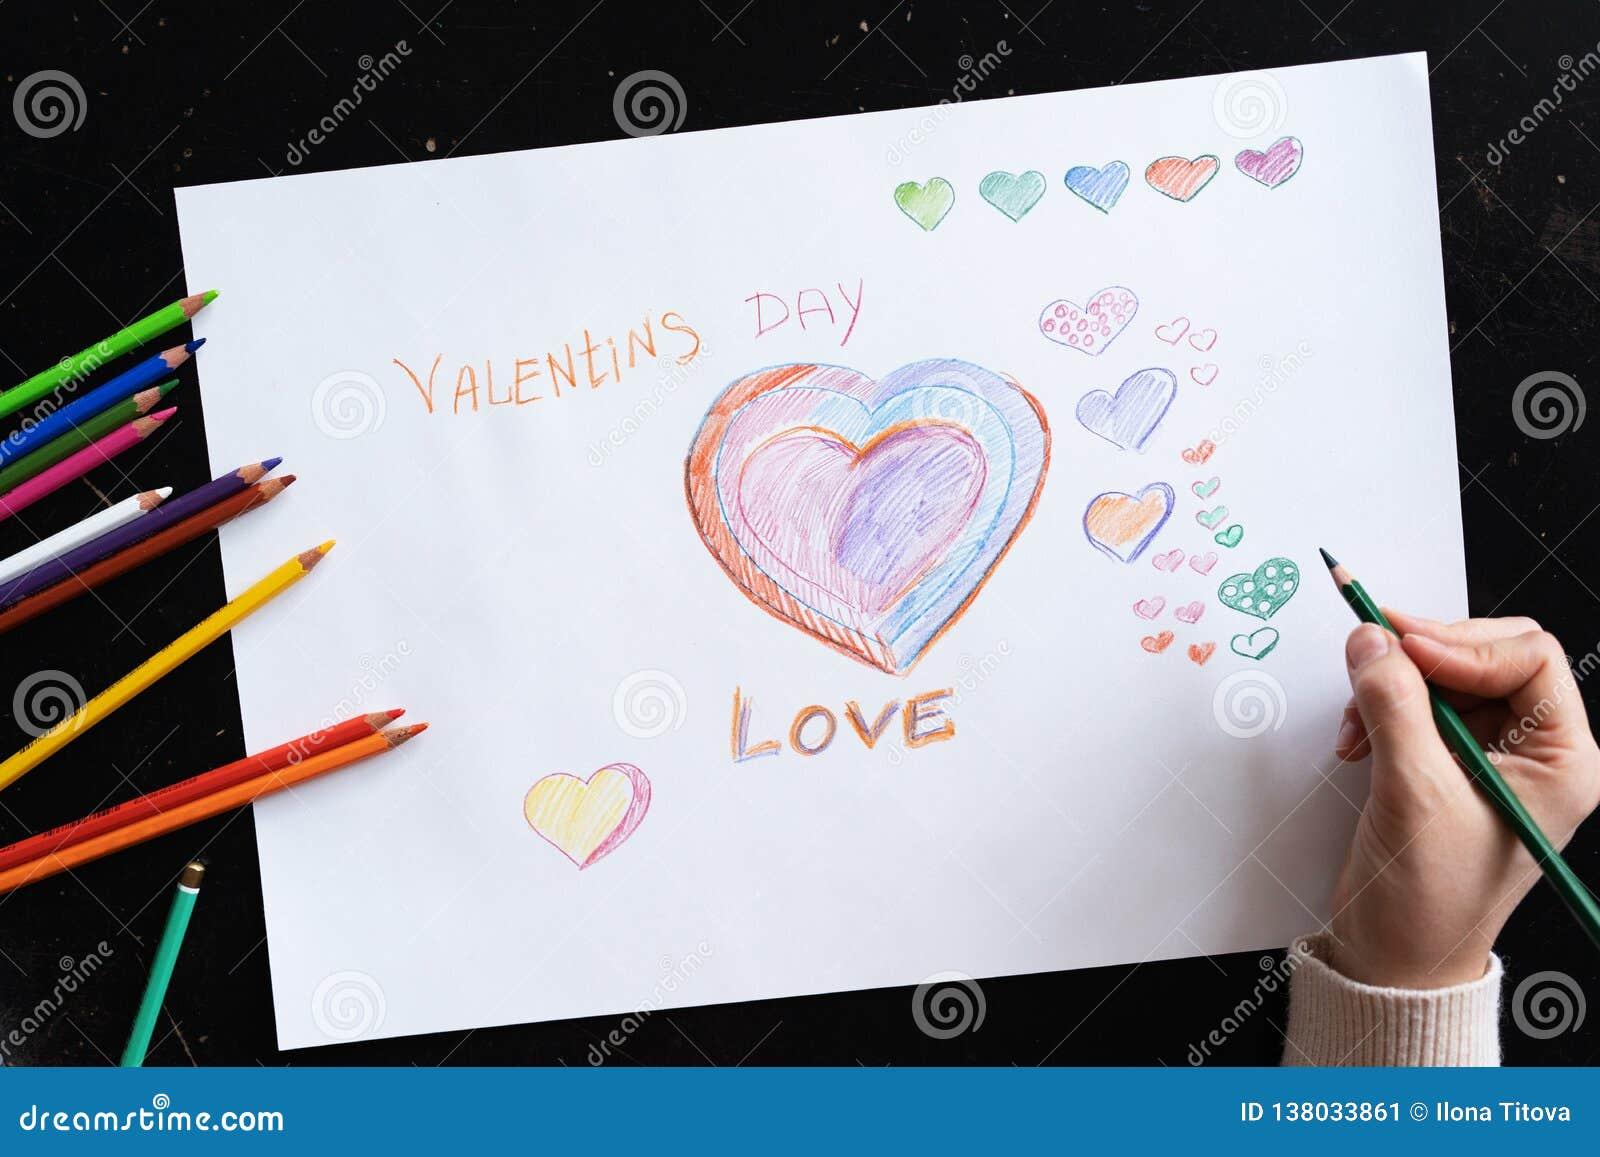 De hand van de vrouw trekt potlodenharten op papier voor de dag dichte omhooggaand van de valentijnskaart